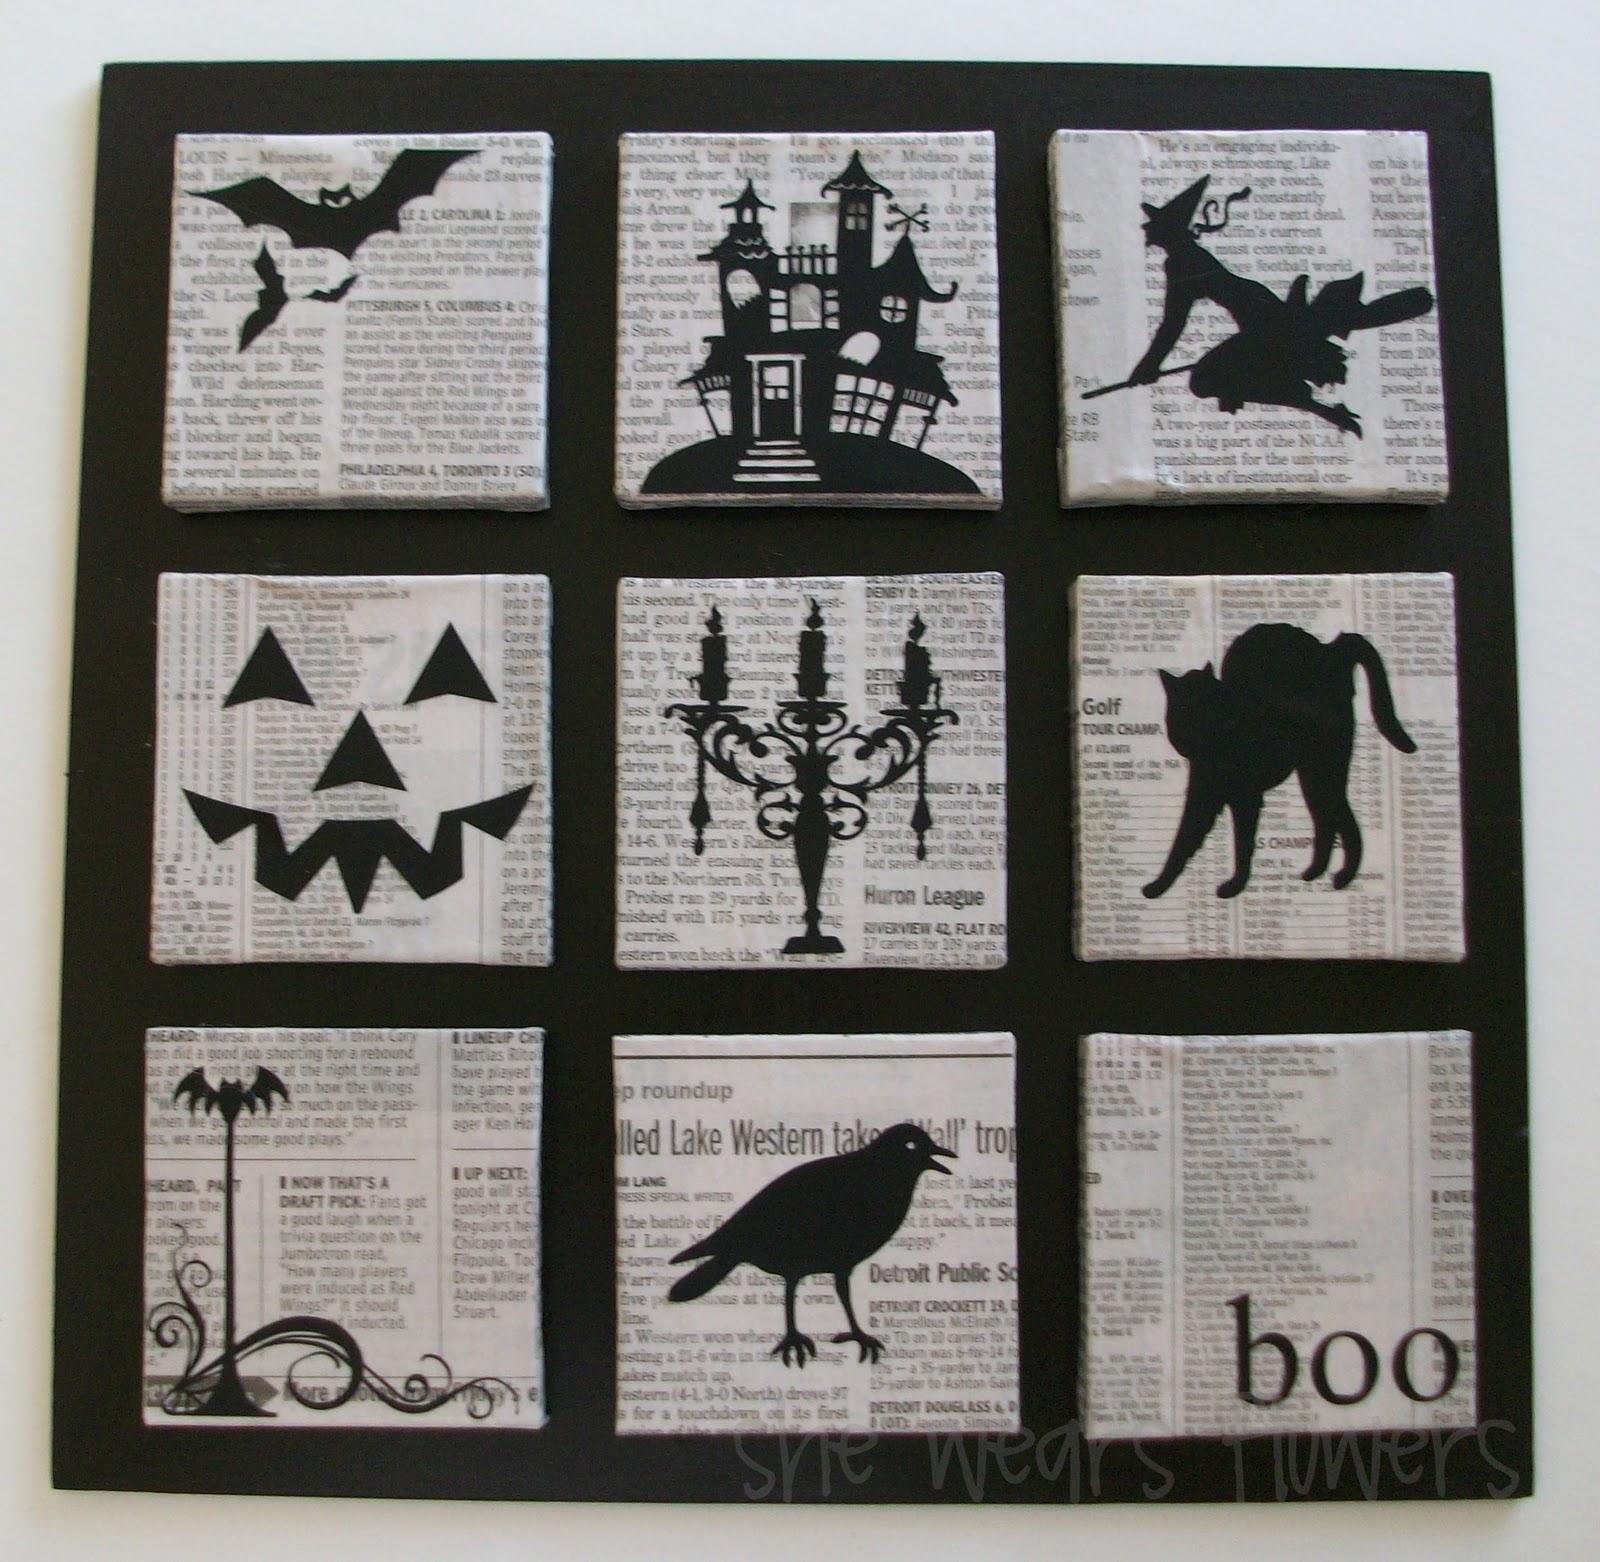 https://i1.wp.com/3.bp.blogspot.com/_IUuOmI9OSJo/TKnah3HByWI/AAAAAAAABVg/h_ZeQwEywOE/s1600/Halloween+Canvas9.jpg